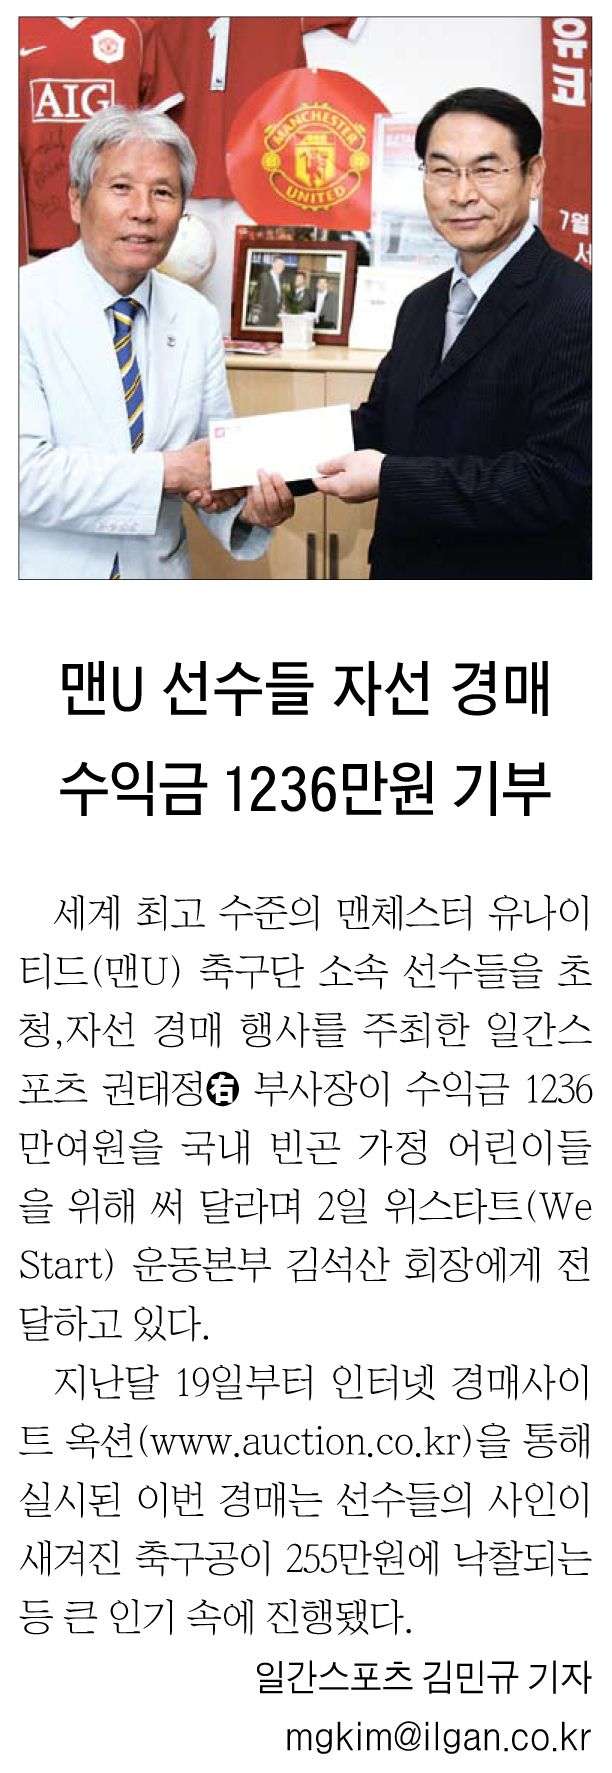 2007년 8월 3일 맨U선수들 자선 경매 수익금 1236만원 기부